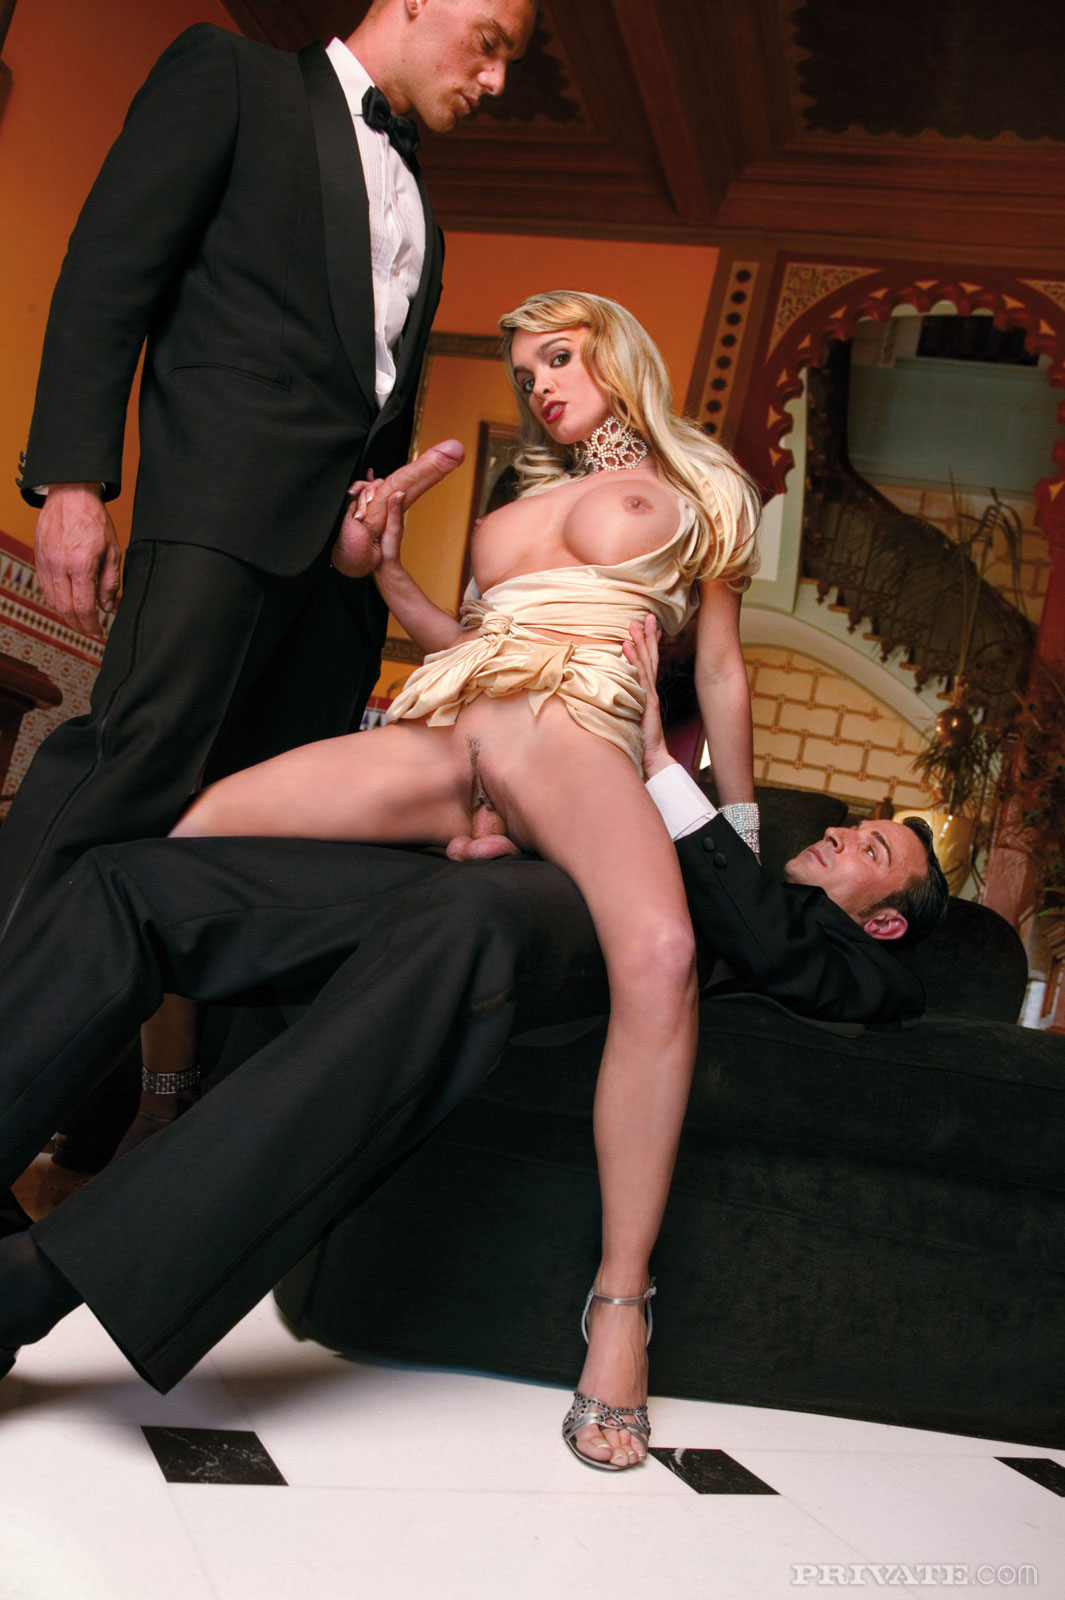 romantic pregnant porn gif